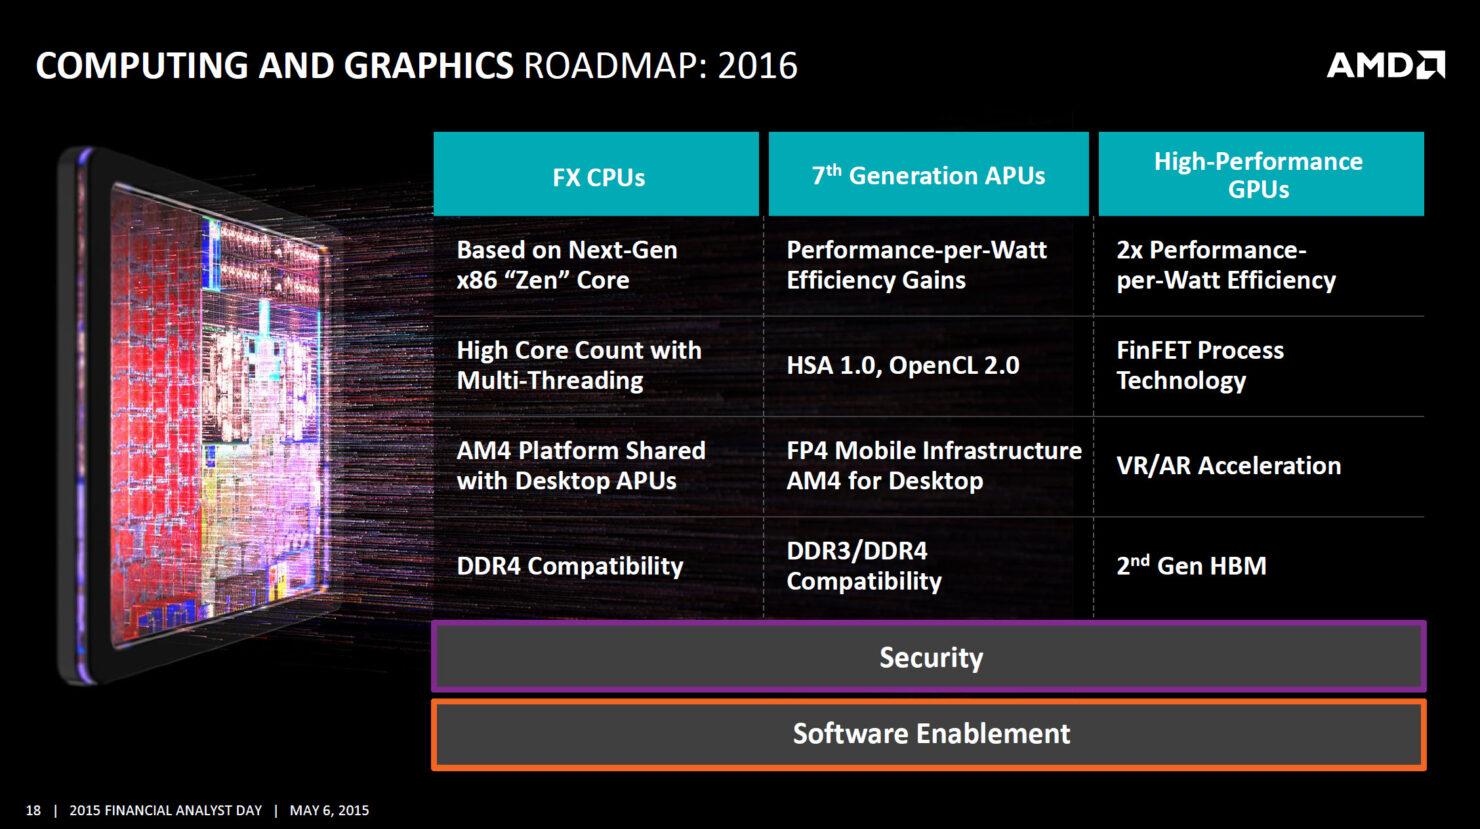 amd-computing-roadmap-2016-fx-cpus-apus-gpus-2